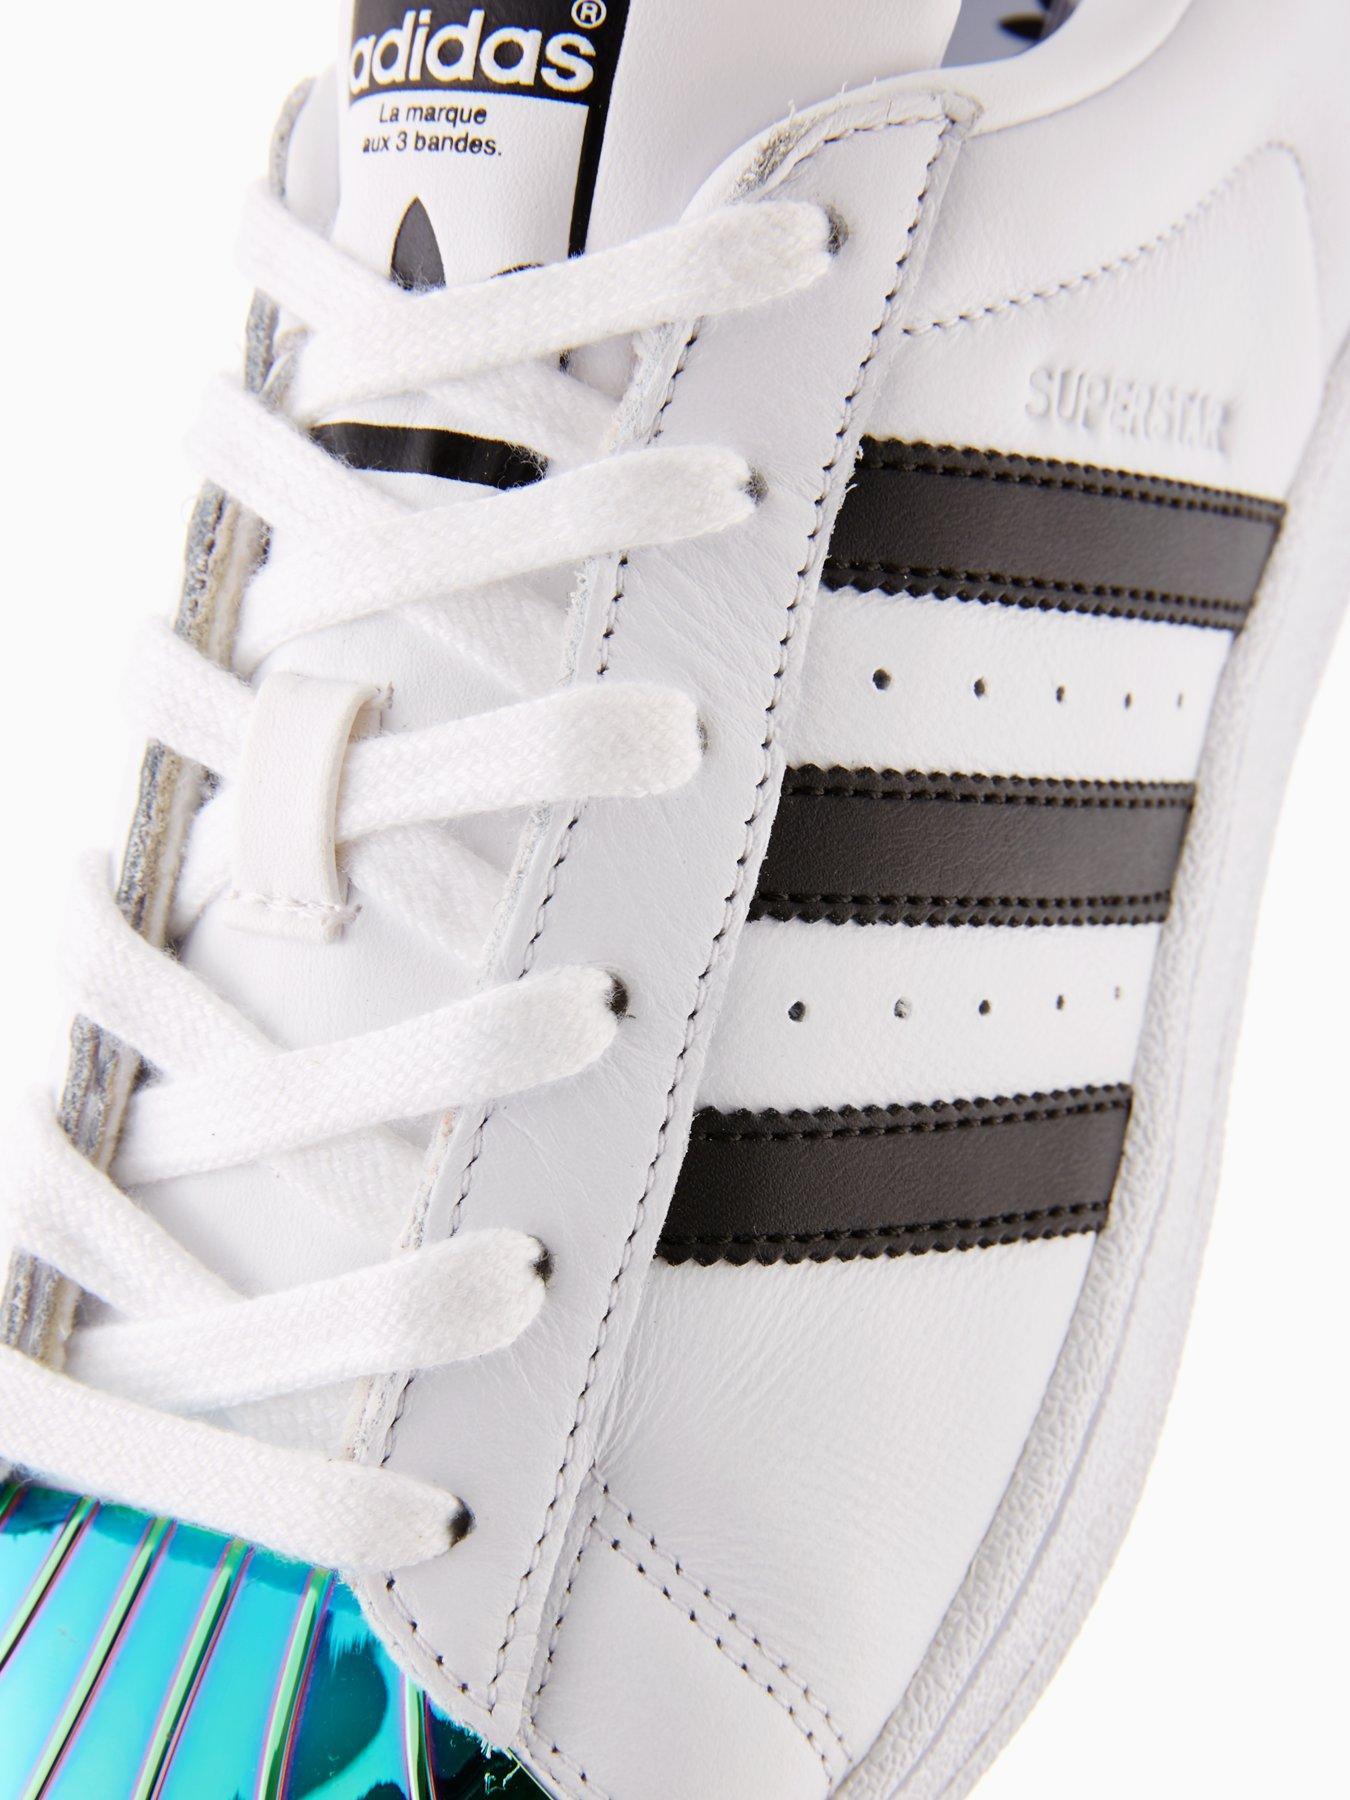 adidas originali di metallo bianco / nero alla pac superstar